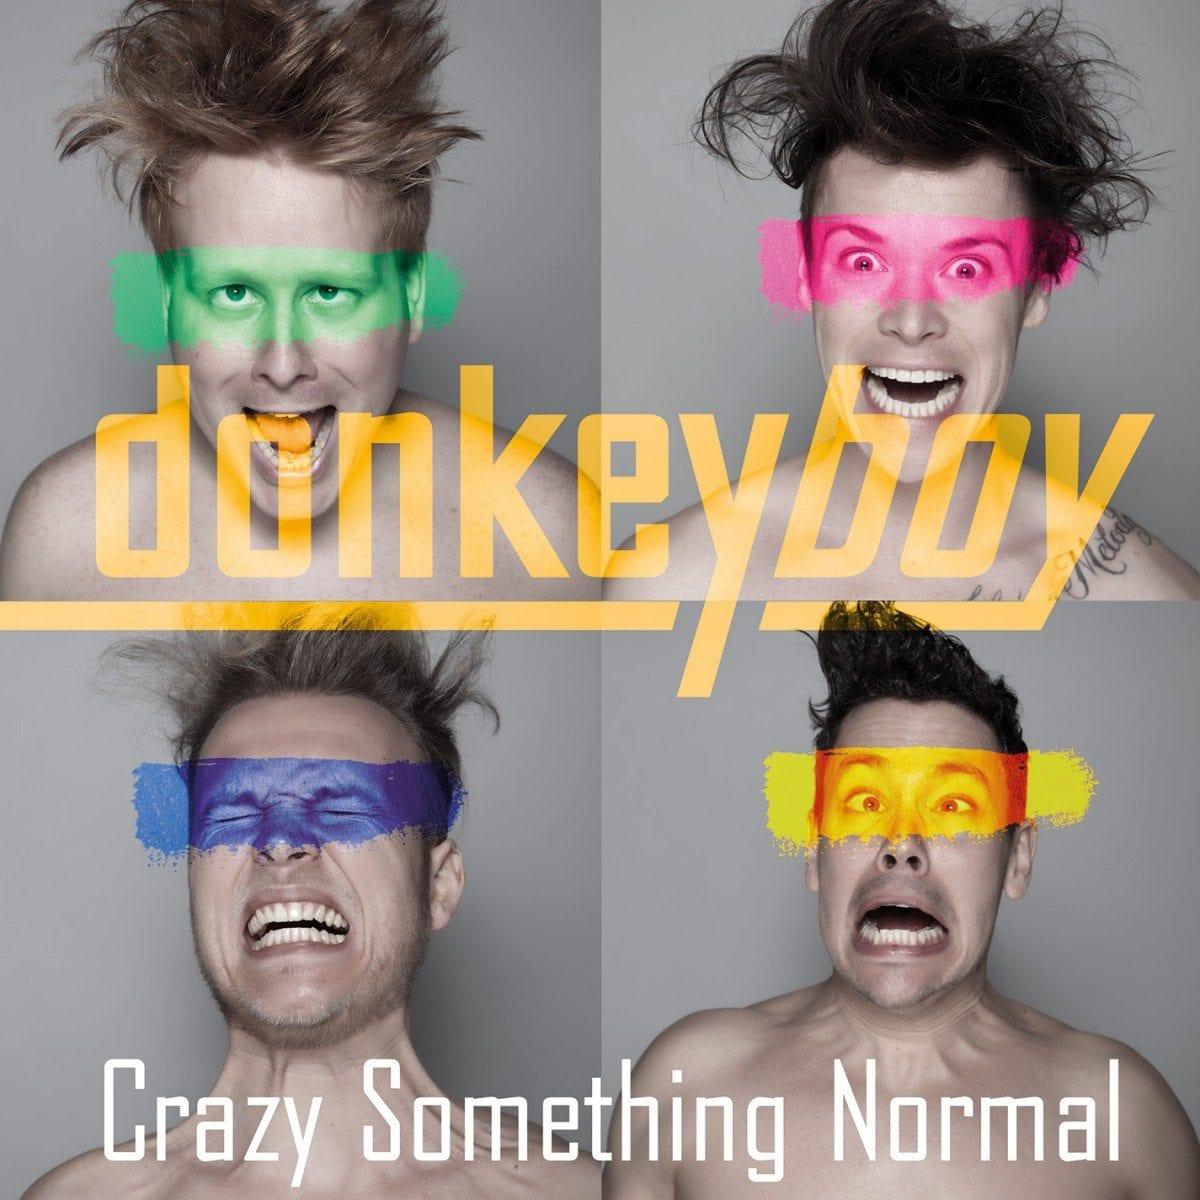 Donkeyboy_Crazy-Something-Normal-utvalgt[2]